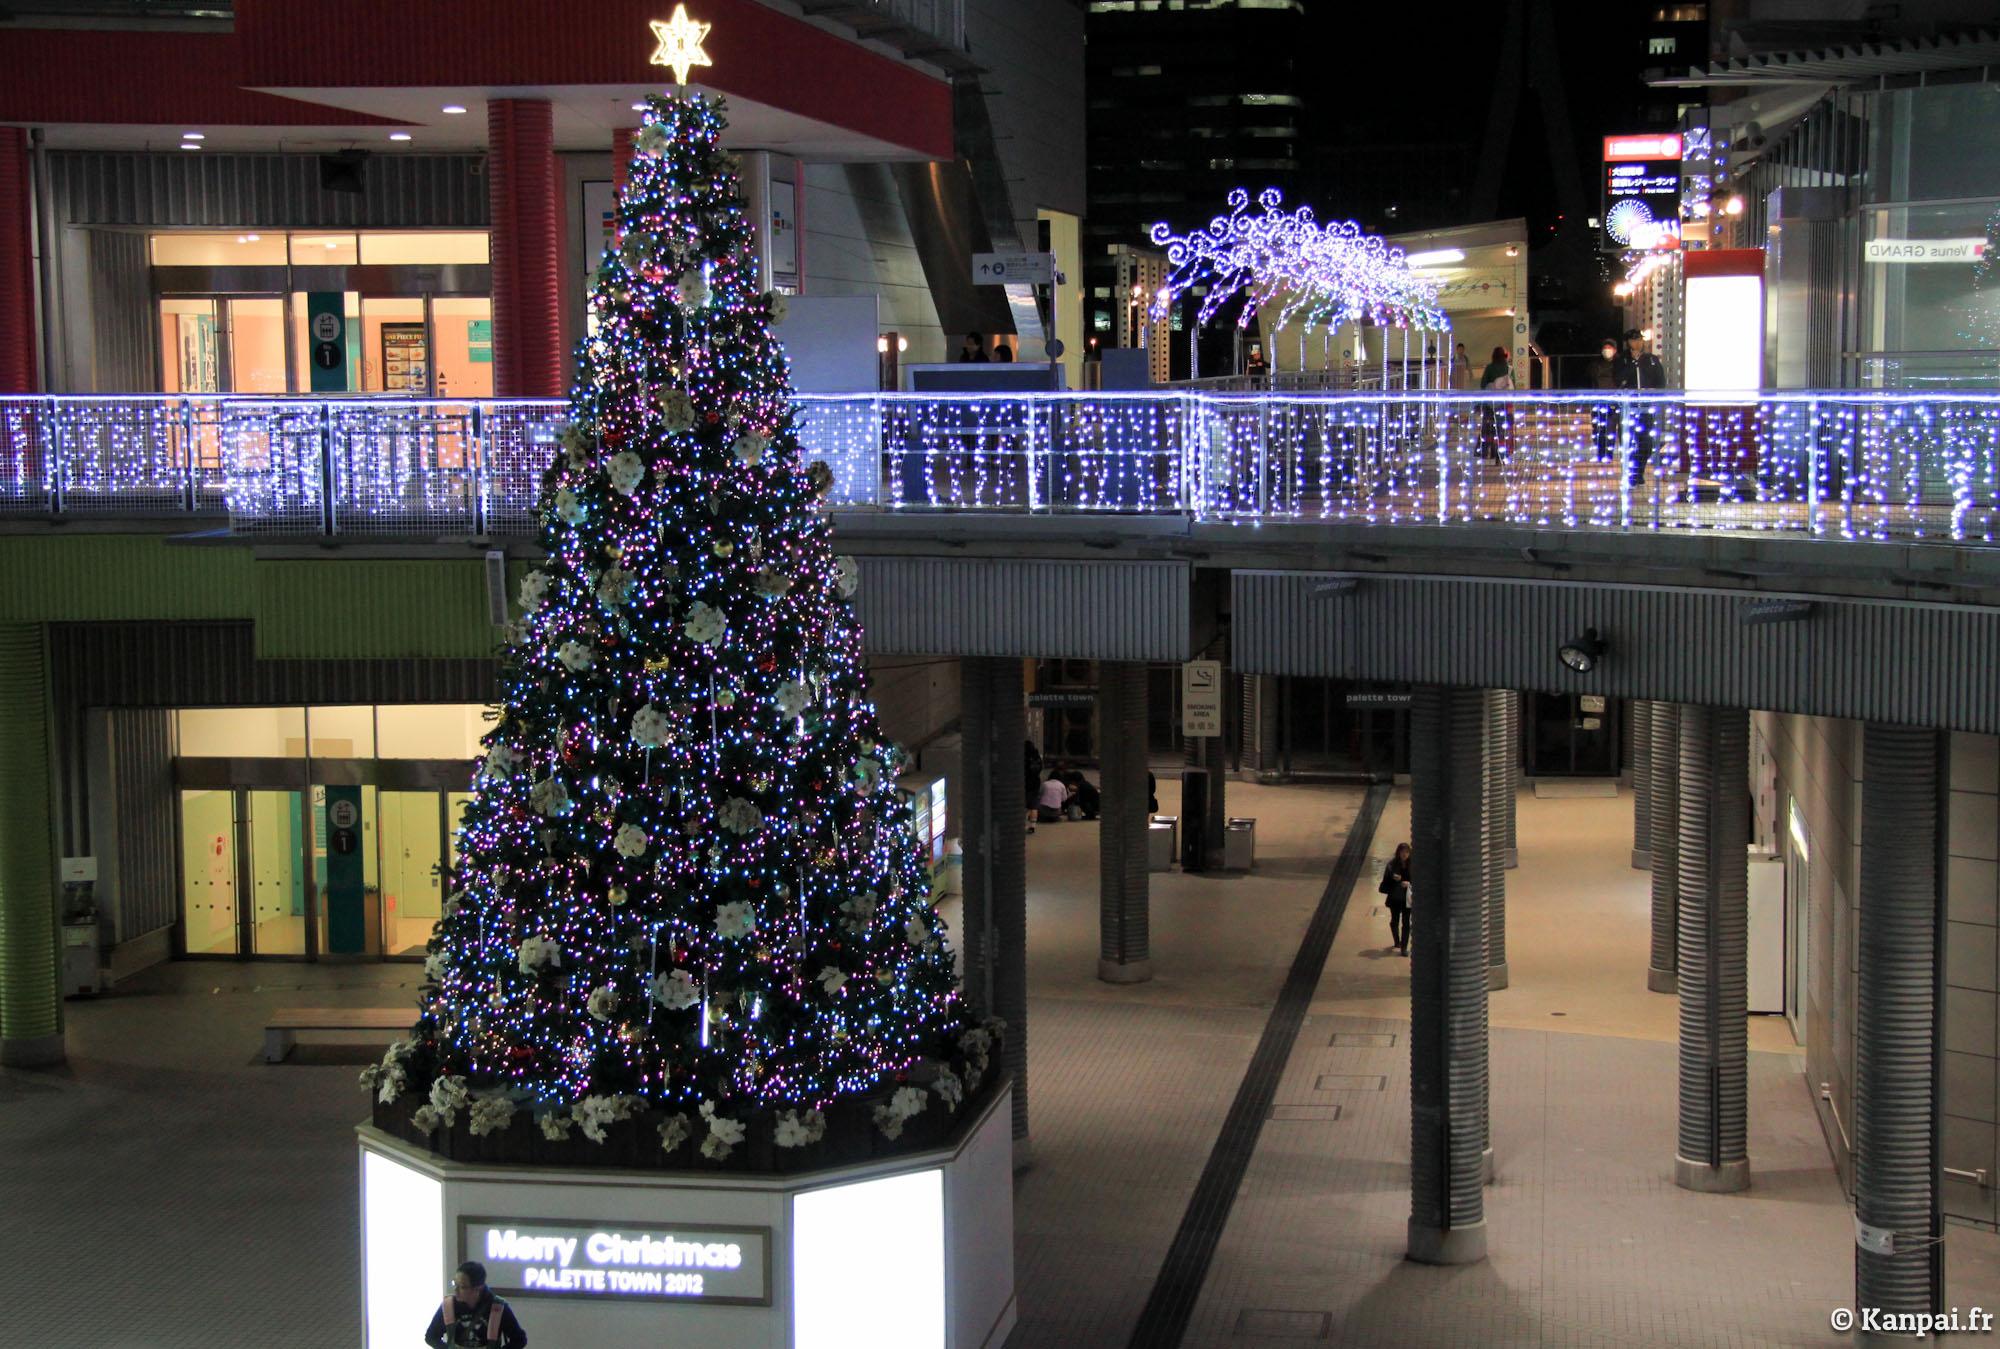 #A47127 Tokyo à Noël 5327 decorations de noel au japon 2000x1349 px @ aertt.com